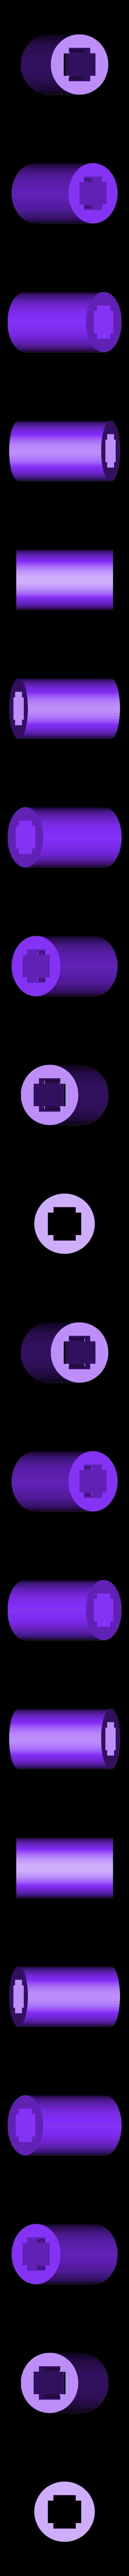 printable-lm8uu_ID7.9.stl Télécharger fichier STL gratuit Bague imprimable de taille LM8UUU PLA • Design à imprimer en 3D, Reneton